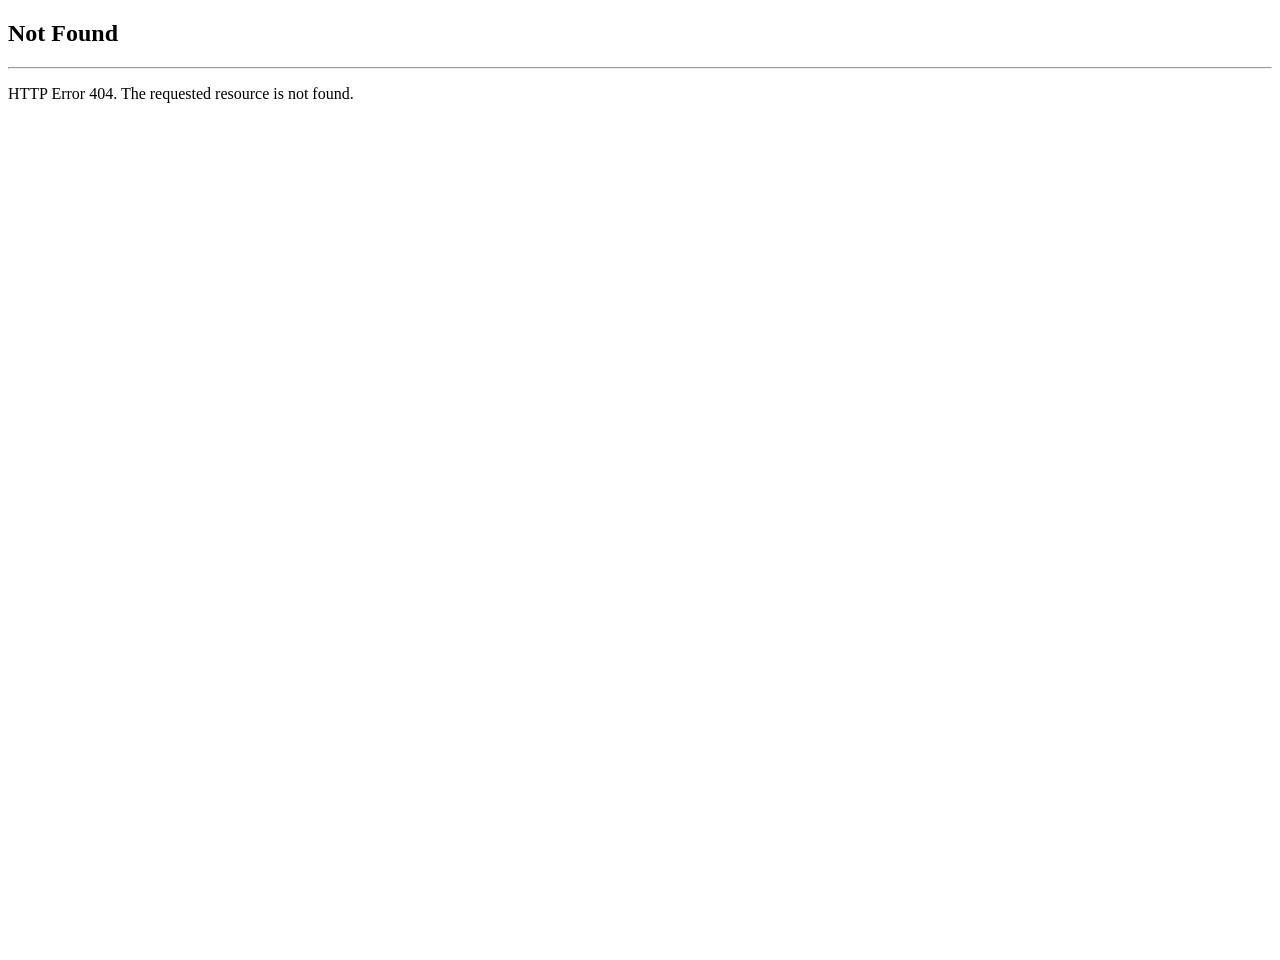 【轉知】中華民國殘障體育運動總會辦理「110年全國身心障礙者會長盃輪椅舞蹈錦標賽」競賽規程